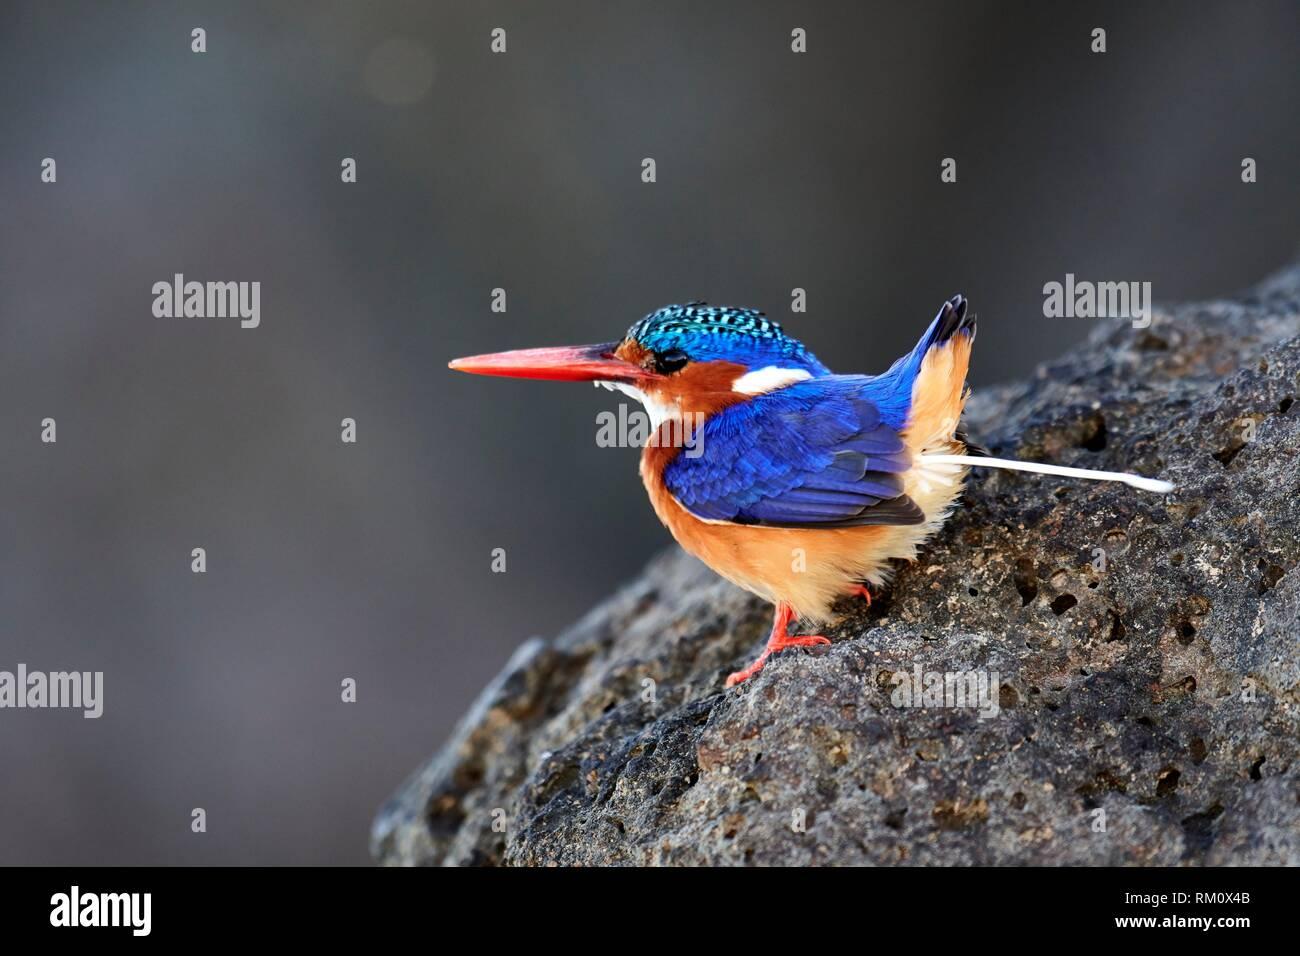 Malachite kingfisher (Corythomis cristatus) defecating on stone. Baringo lake. Kenya, Africa. - Stock Image